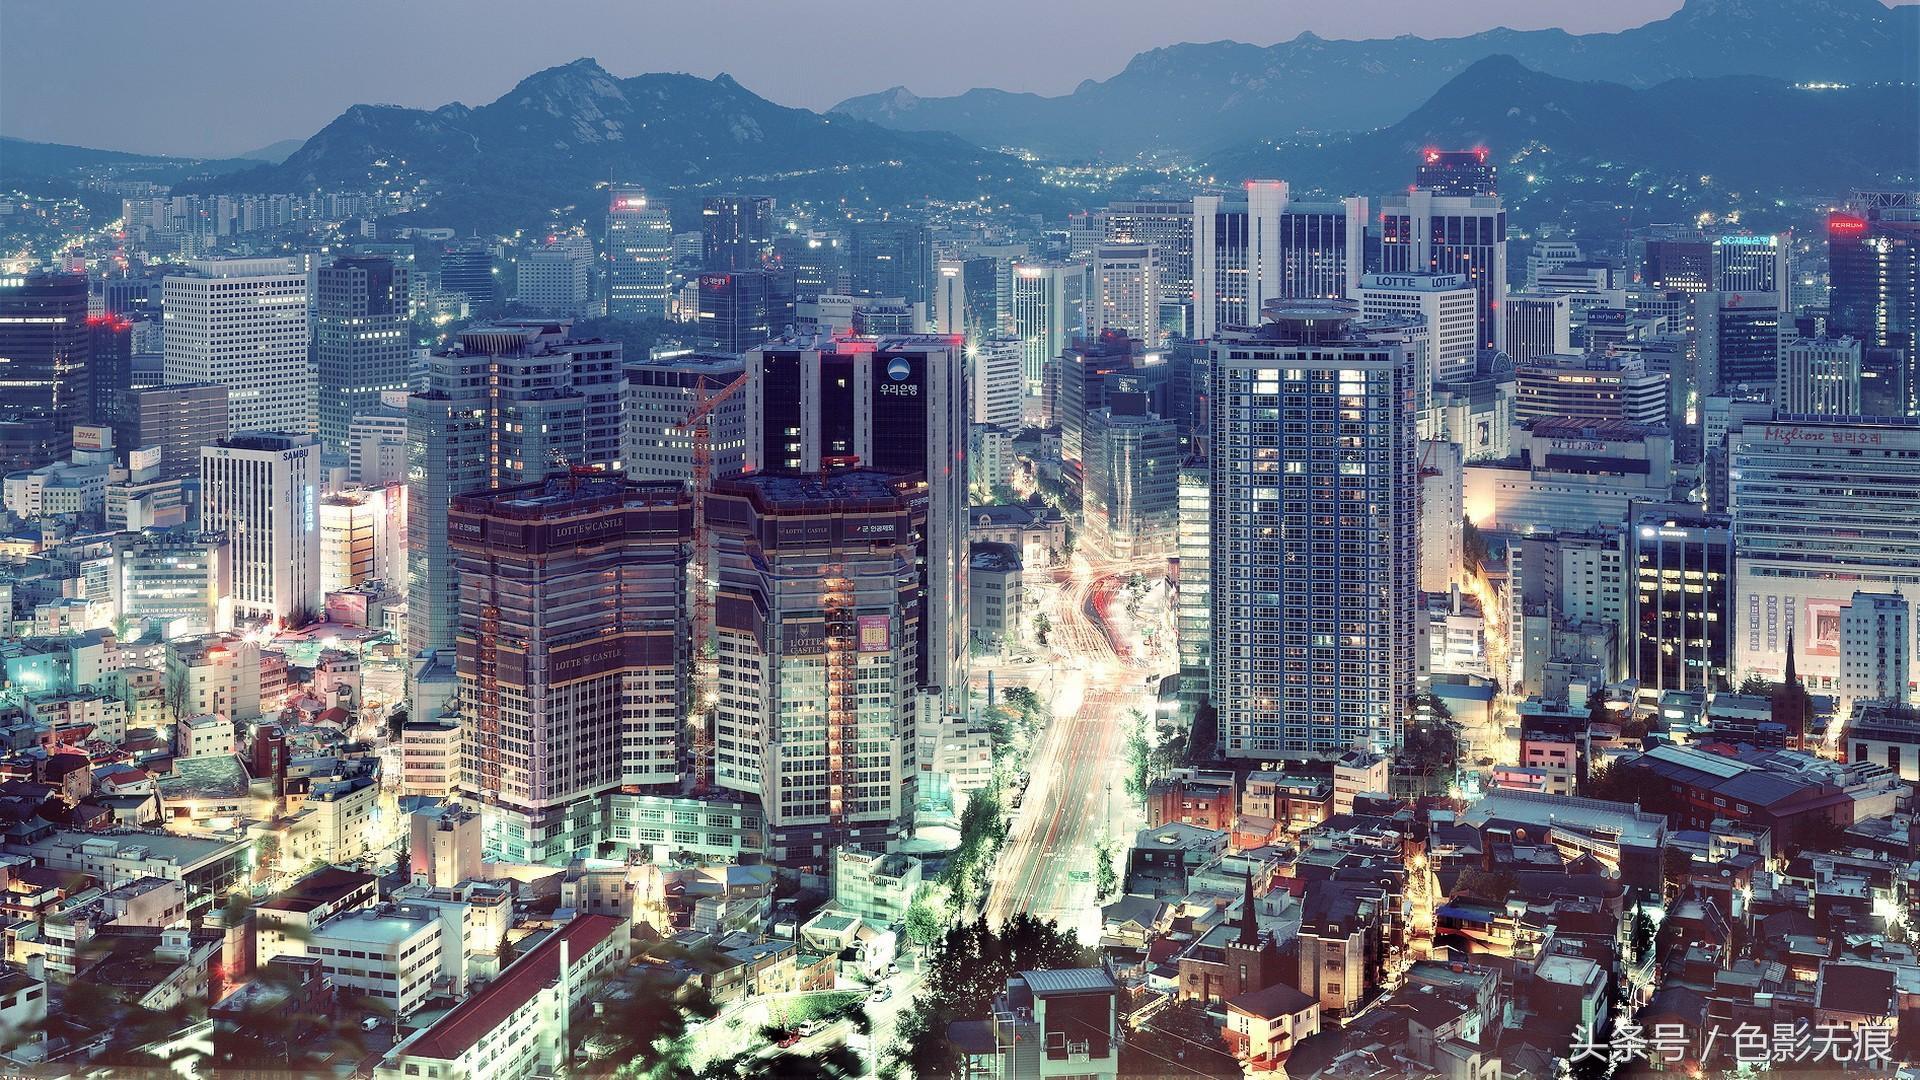 世界上人口最大的城市_世界人口规模最大的10大城市,都有哪里,排第一的不在中